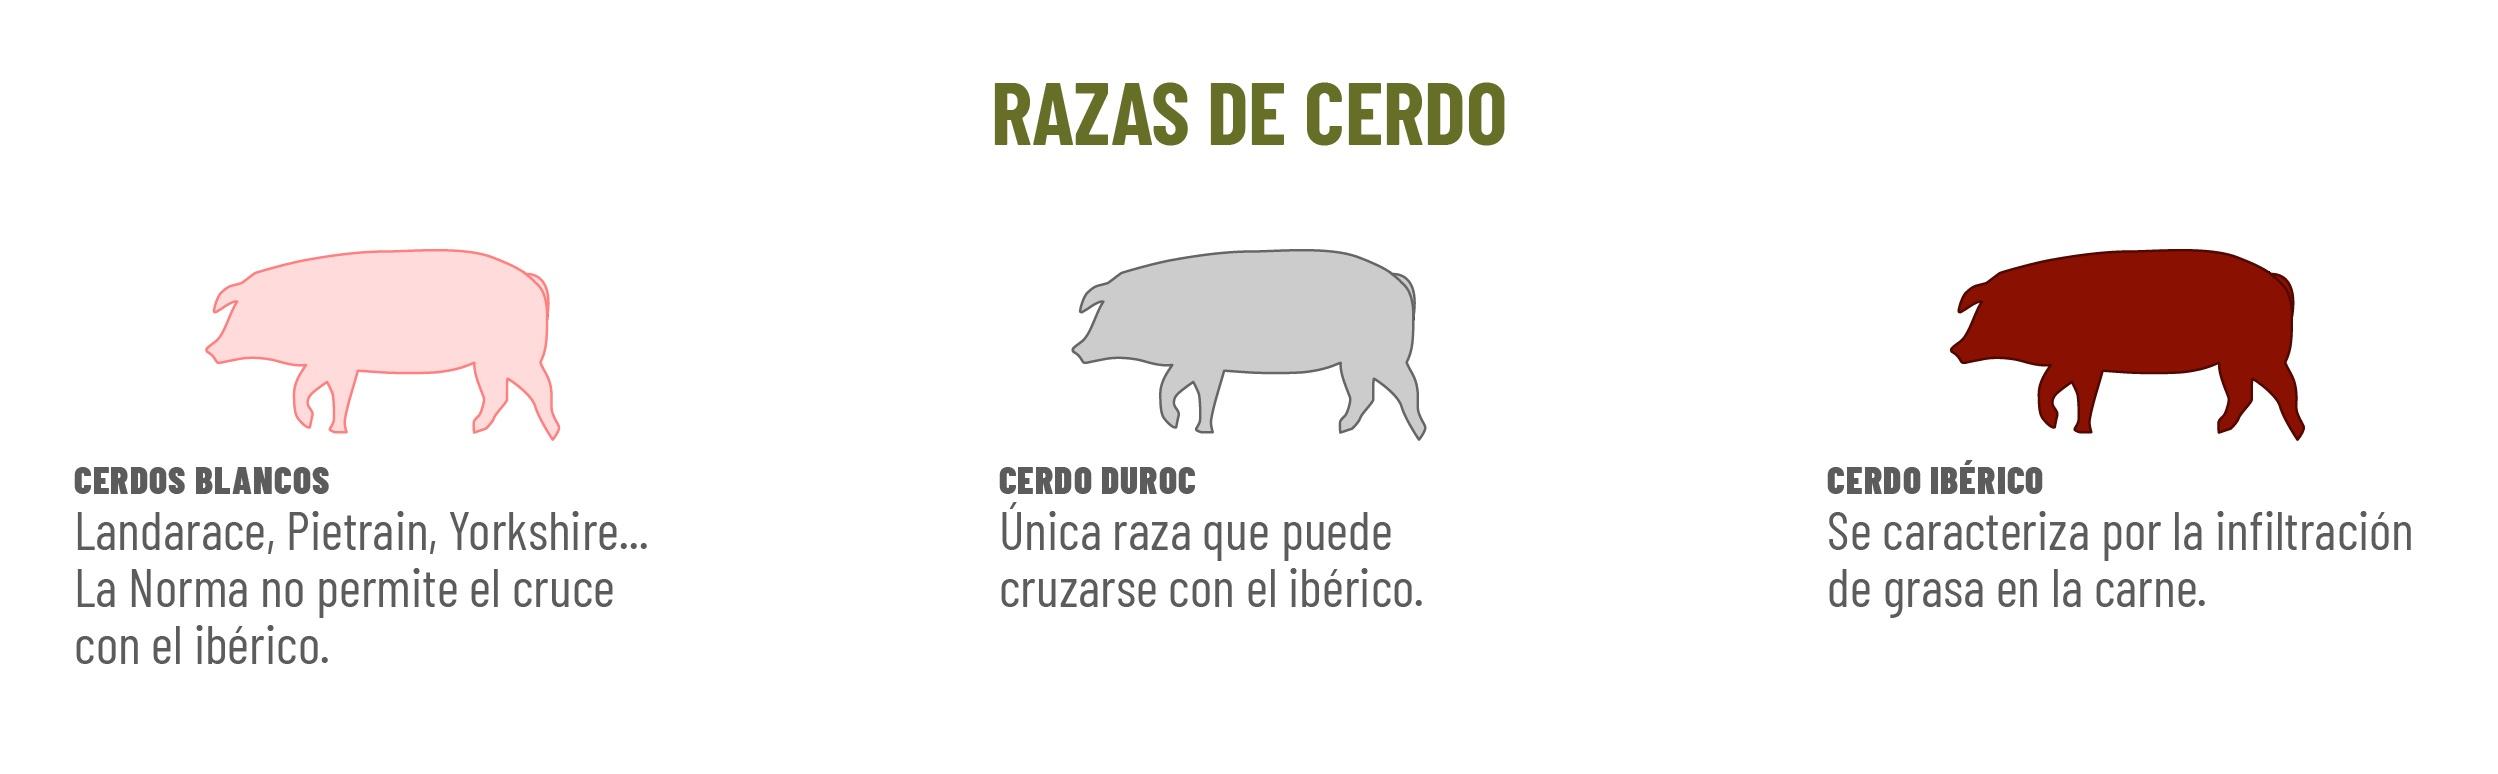 ancha castilla - razas de cerdo